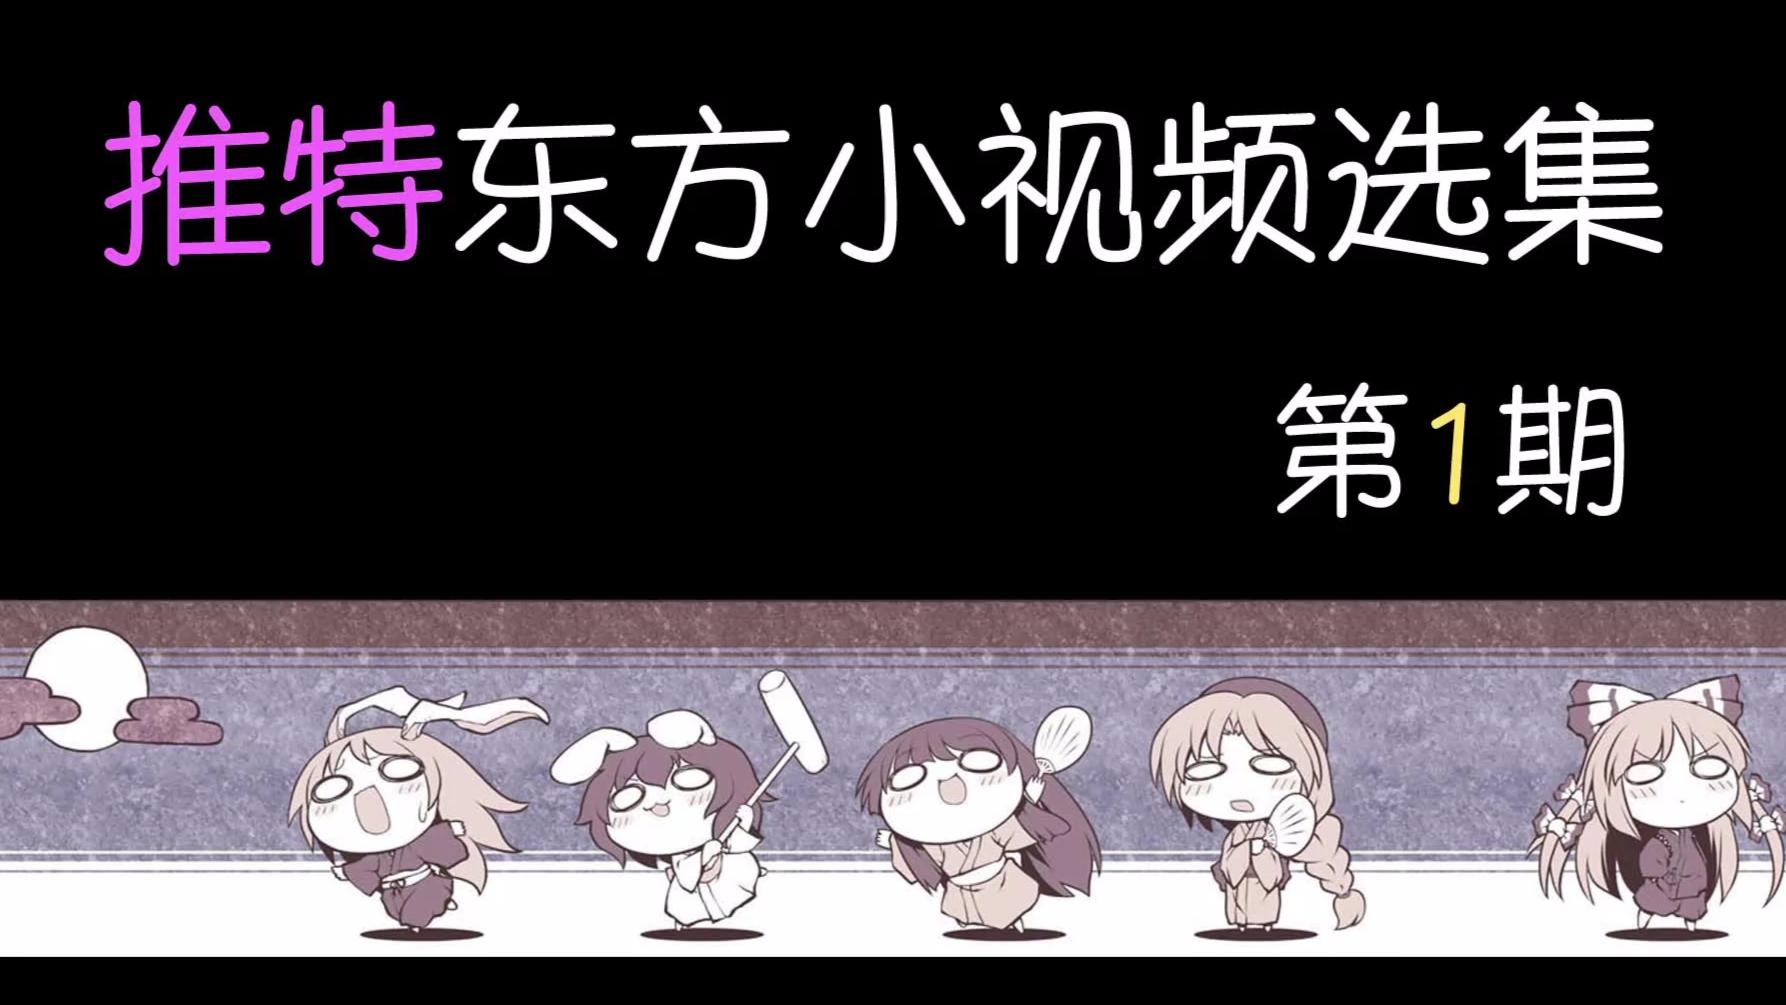 【东方】推特东方小视频选集 第1期【开坑开坑~】